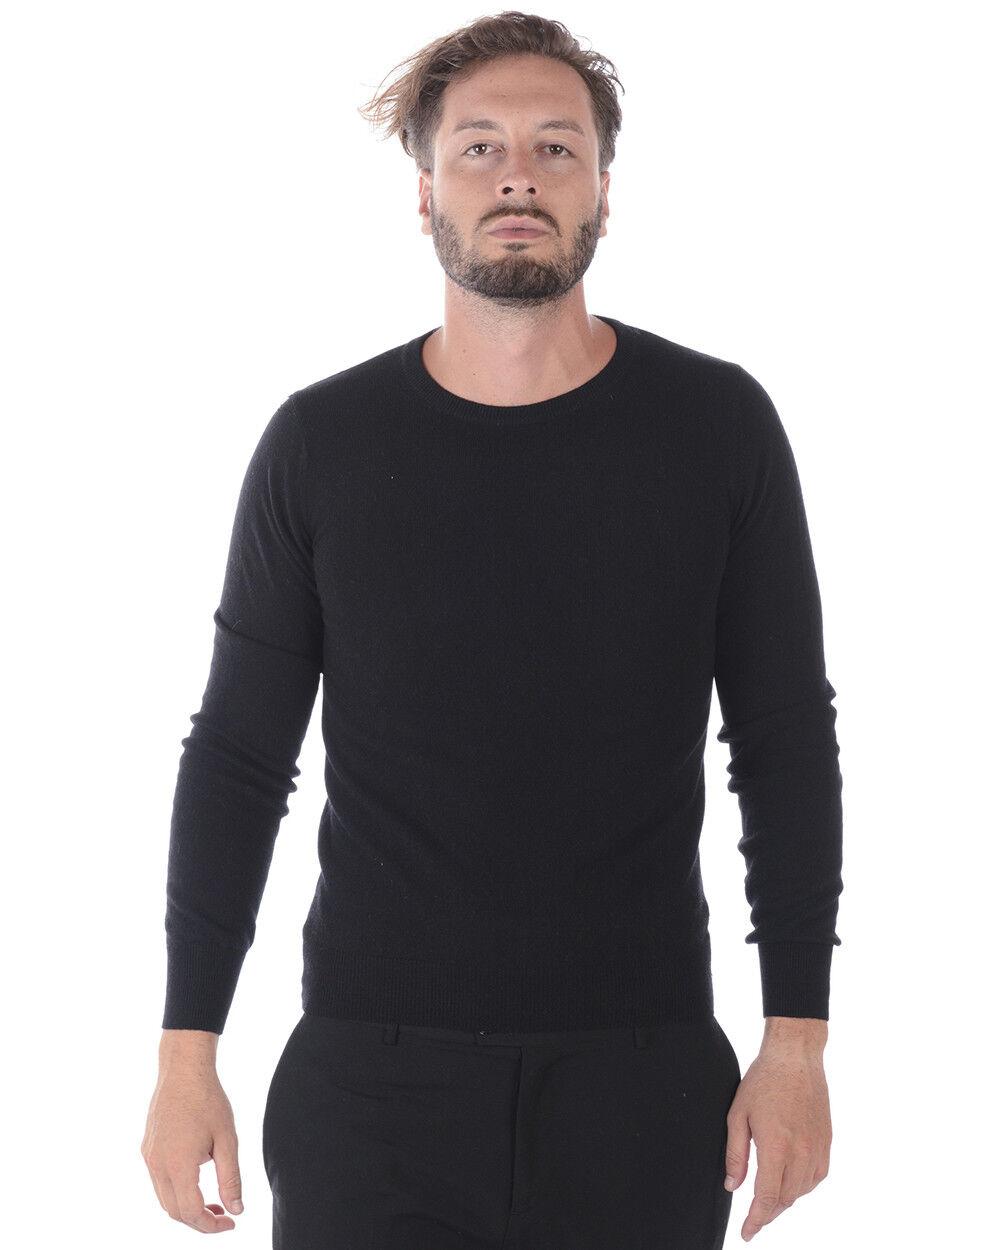 Maglia Maglione Daniele Alessandrini Sweater Lana ITALY men black FMC17113707 1